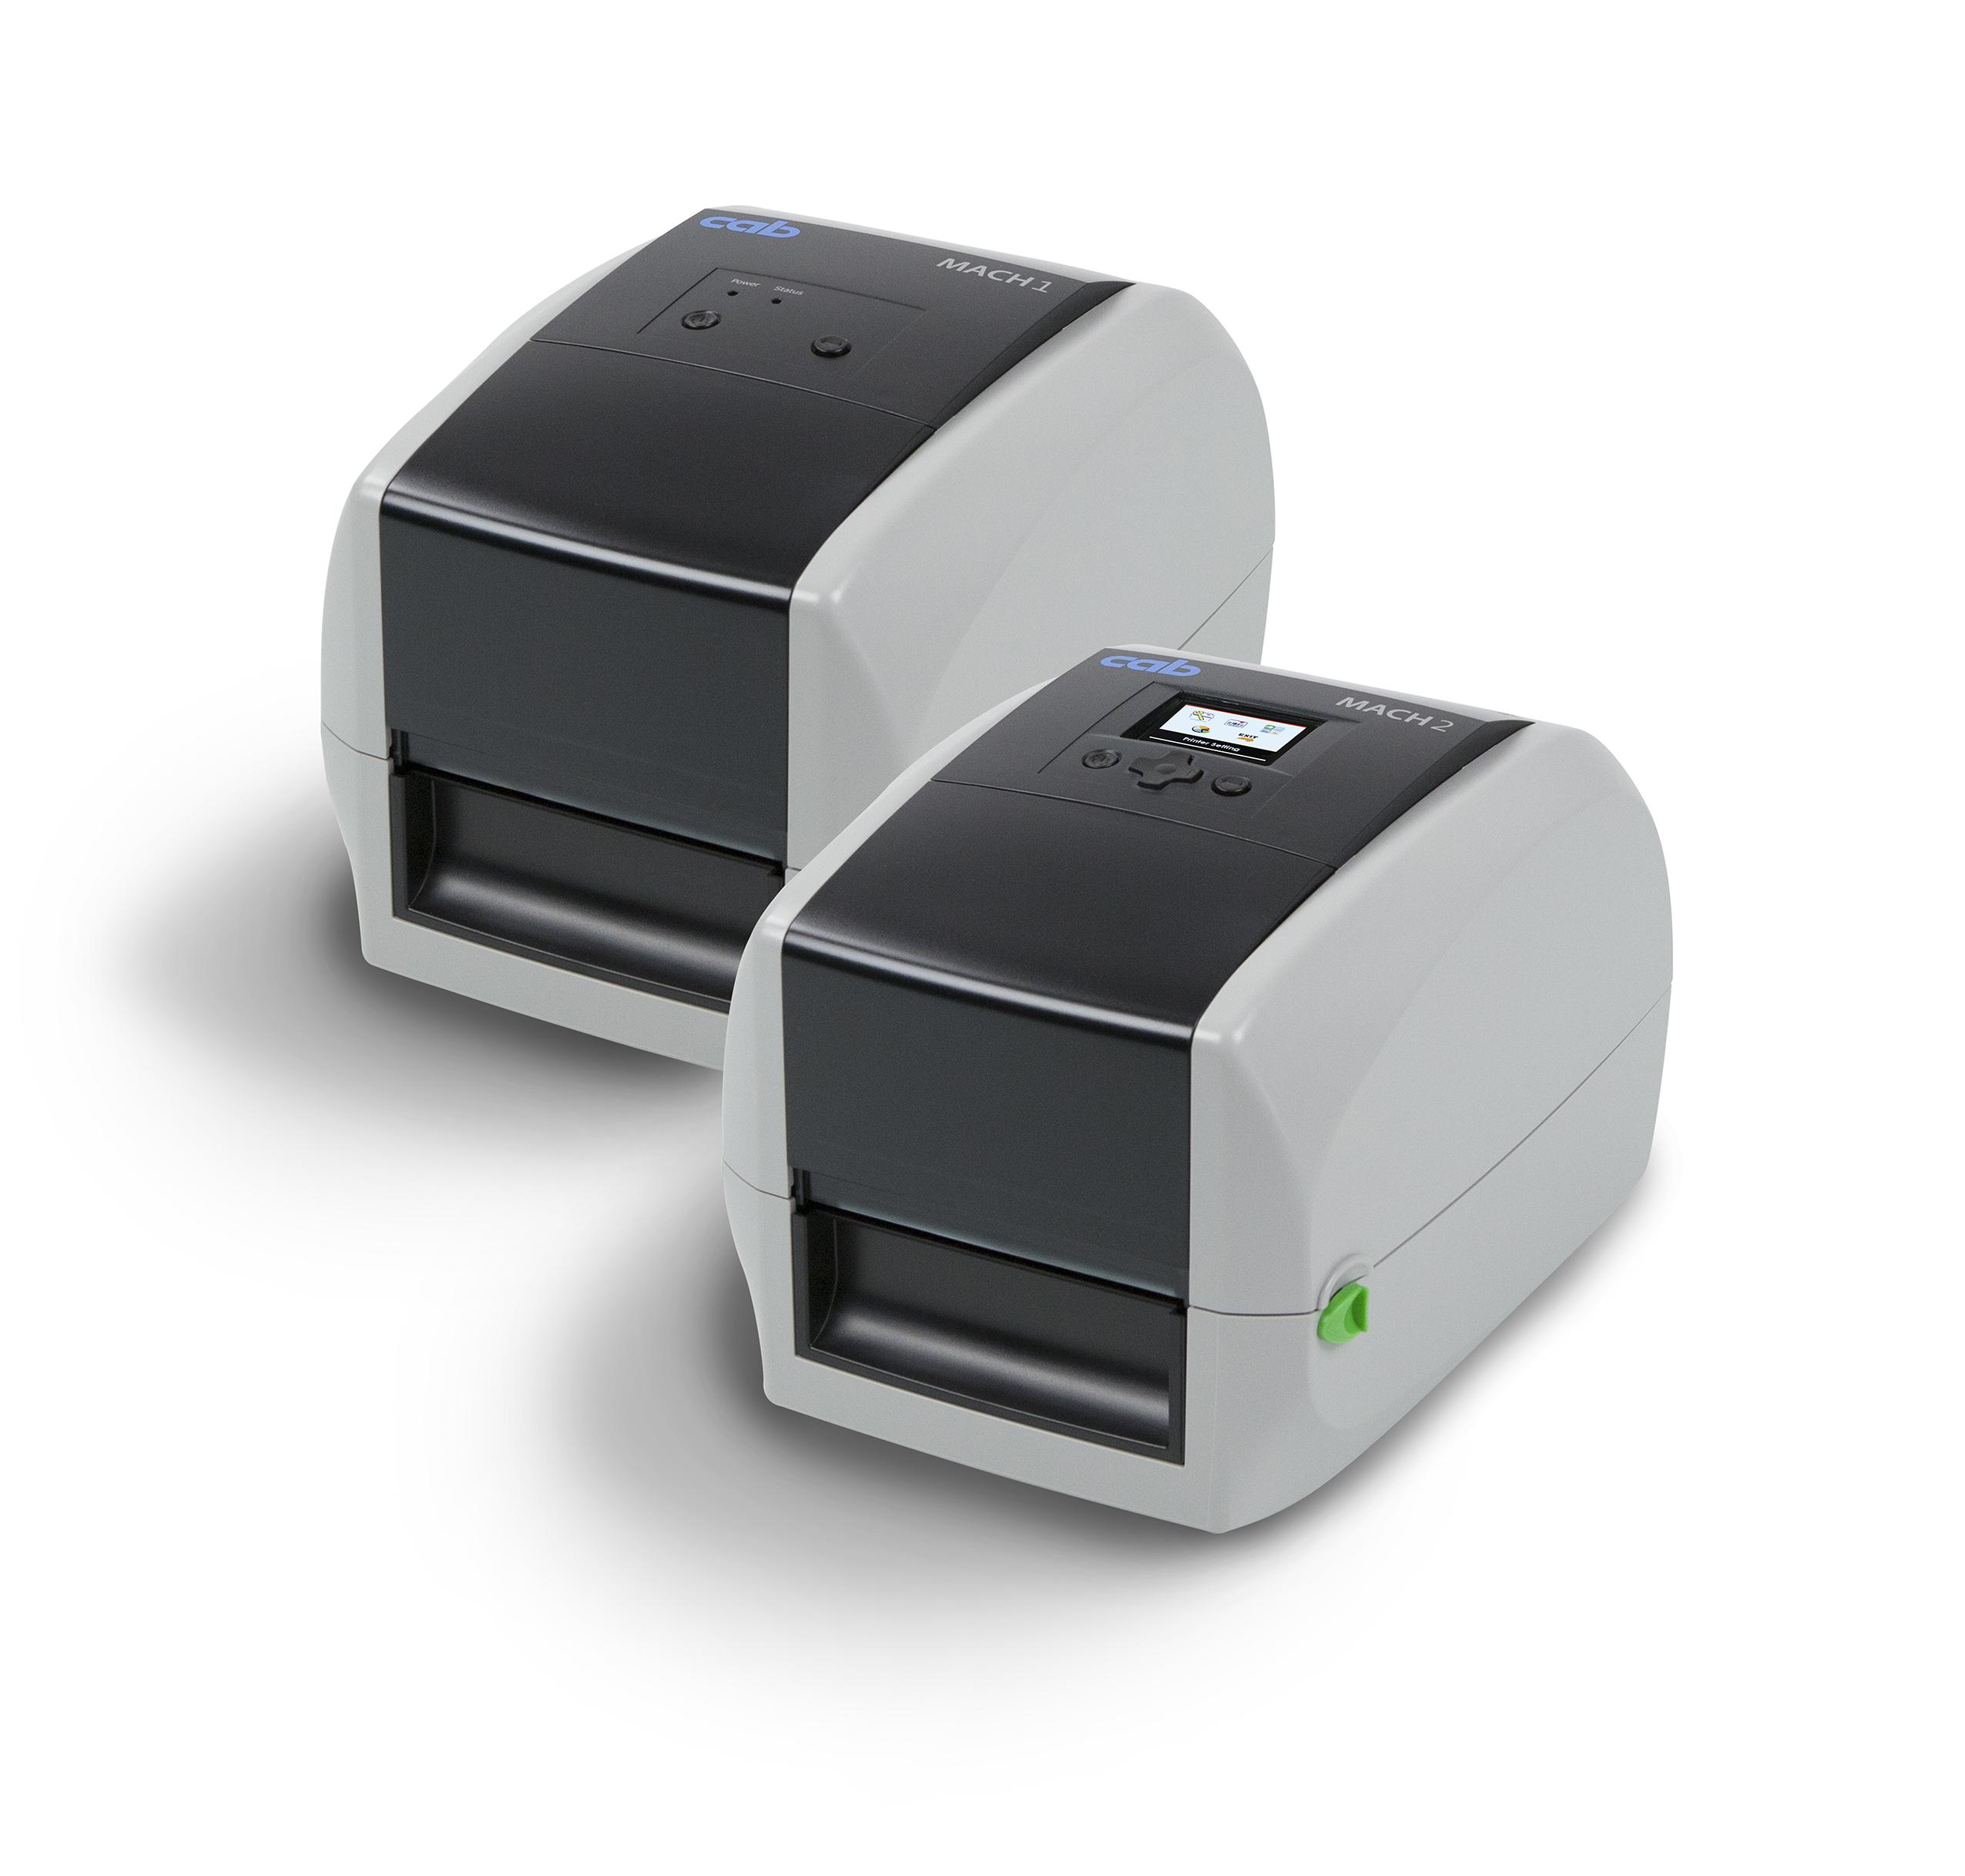 Cab eos1 label printer